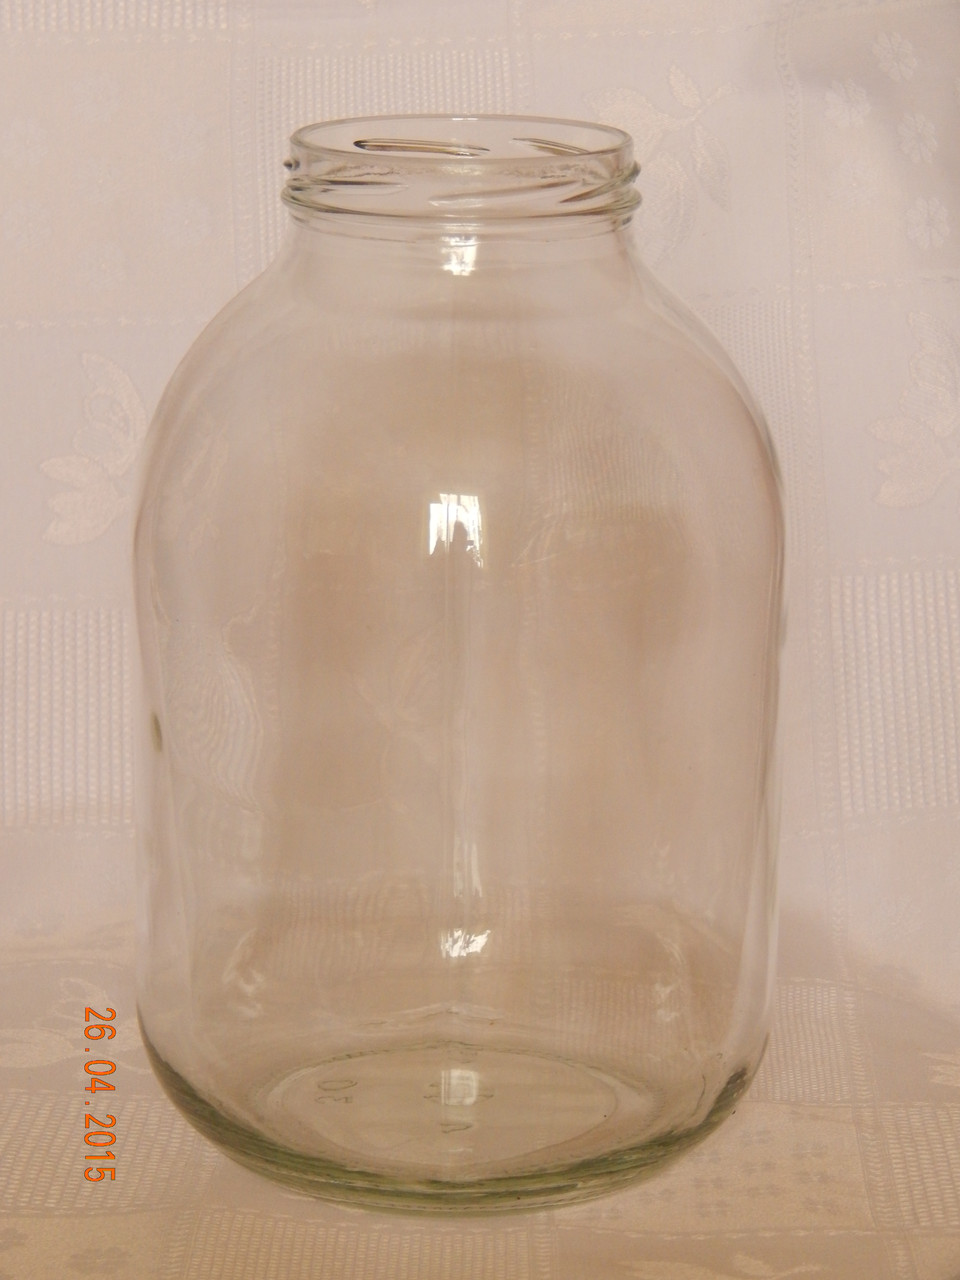 Банка стеклянная 3 л с горловиной твист 82 (6 штук в упаковке)